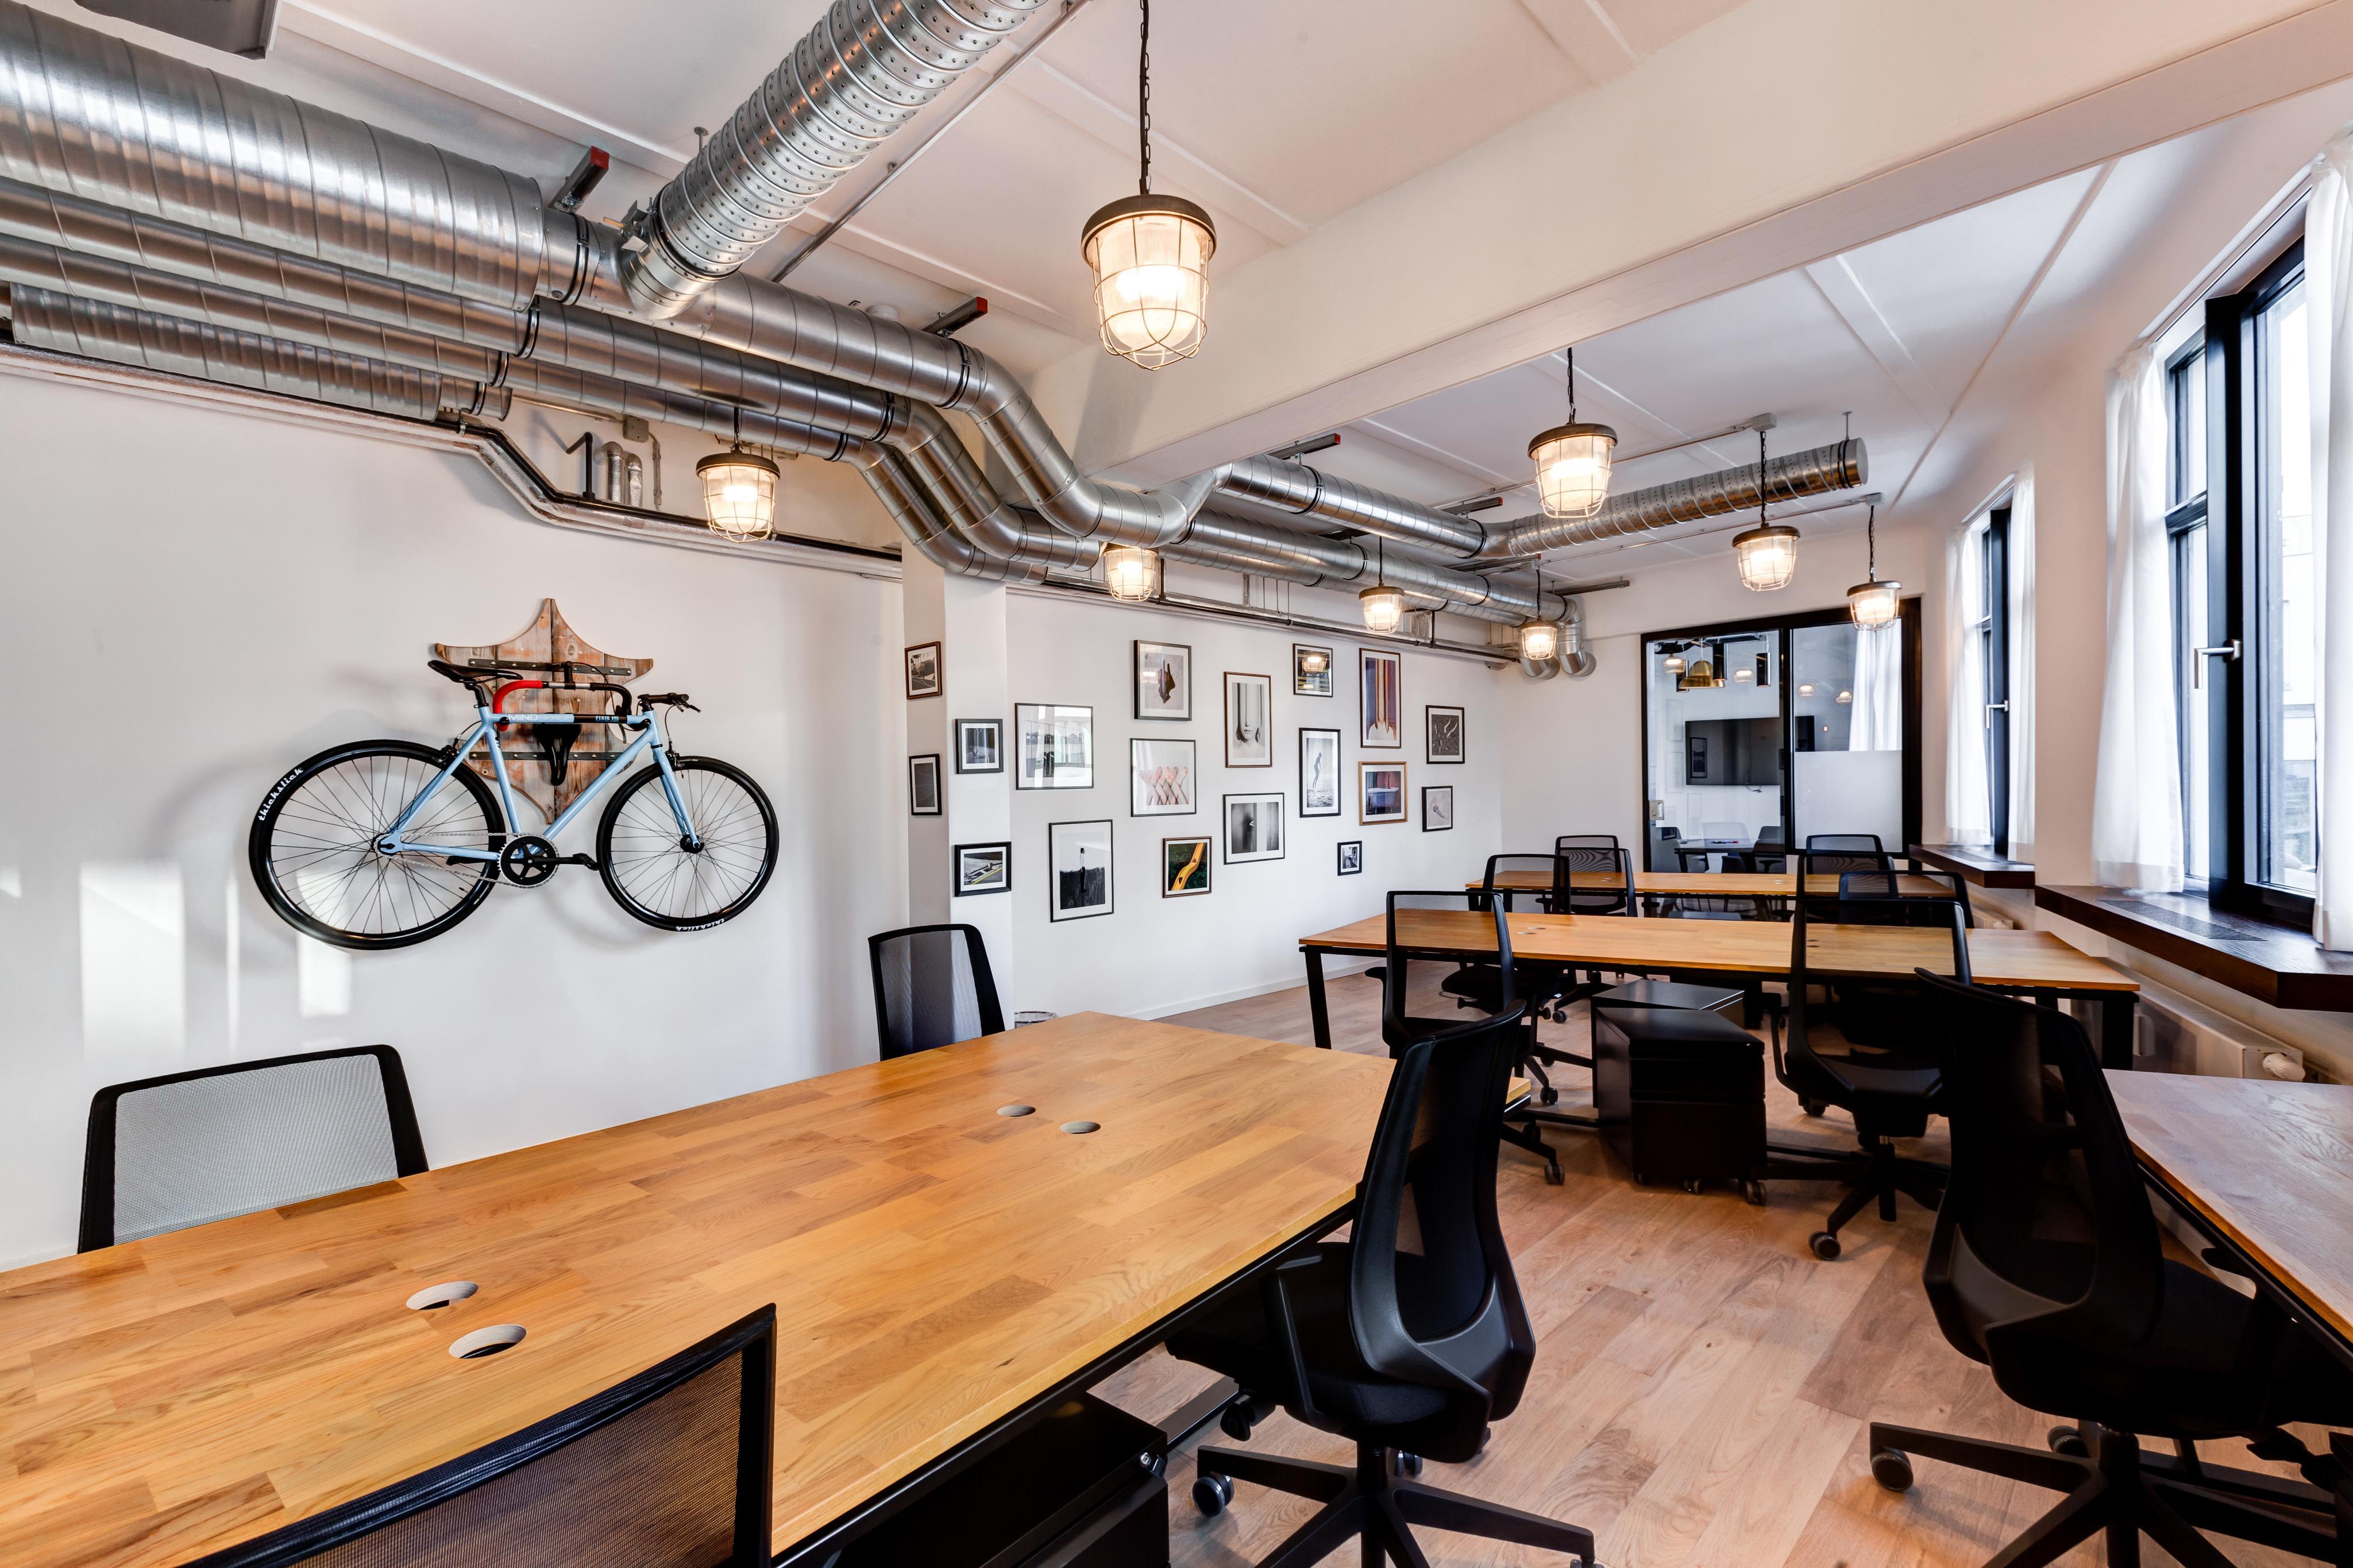 Arbeitsplätze Im Industriedesign #bürostuhl #pendelleuchte #industriedesign  ©MINDSPACE